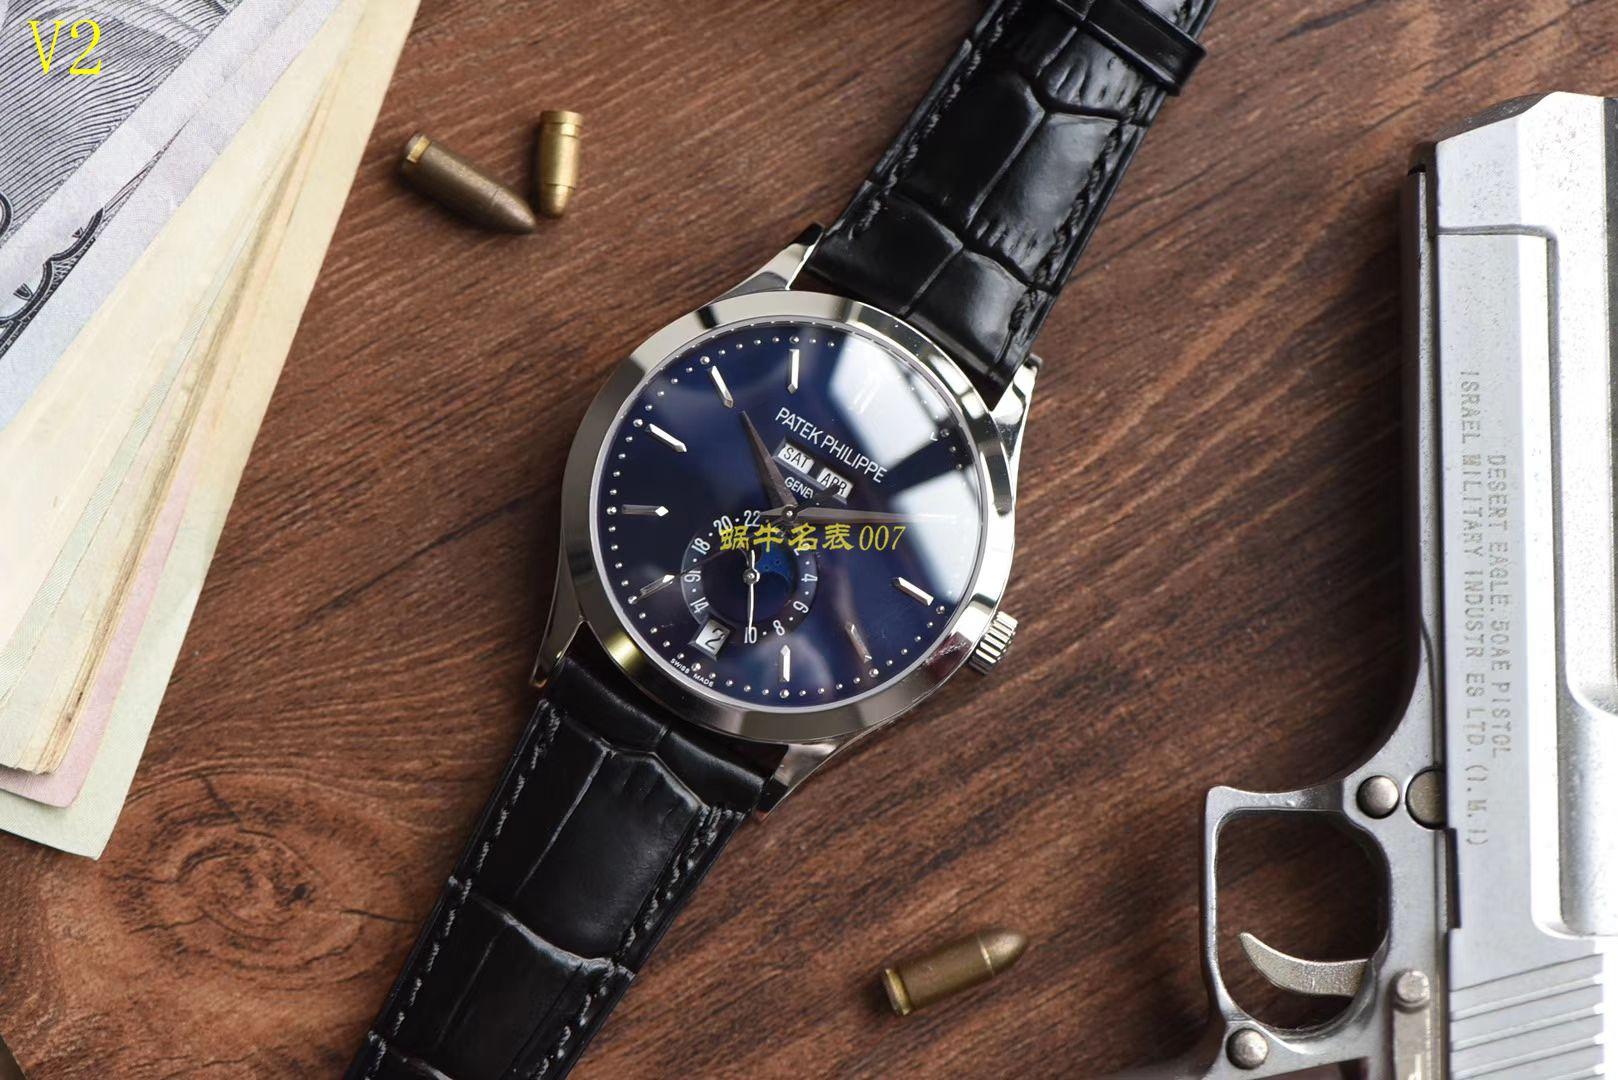 【台湾厂1:1高仿手表】百达翡丽复杂功能计时系列5396G-014男表